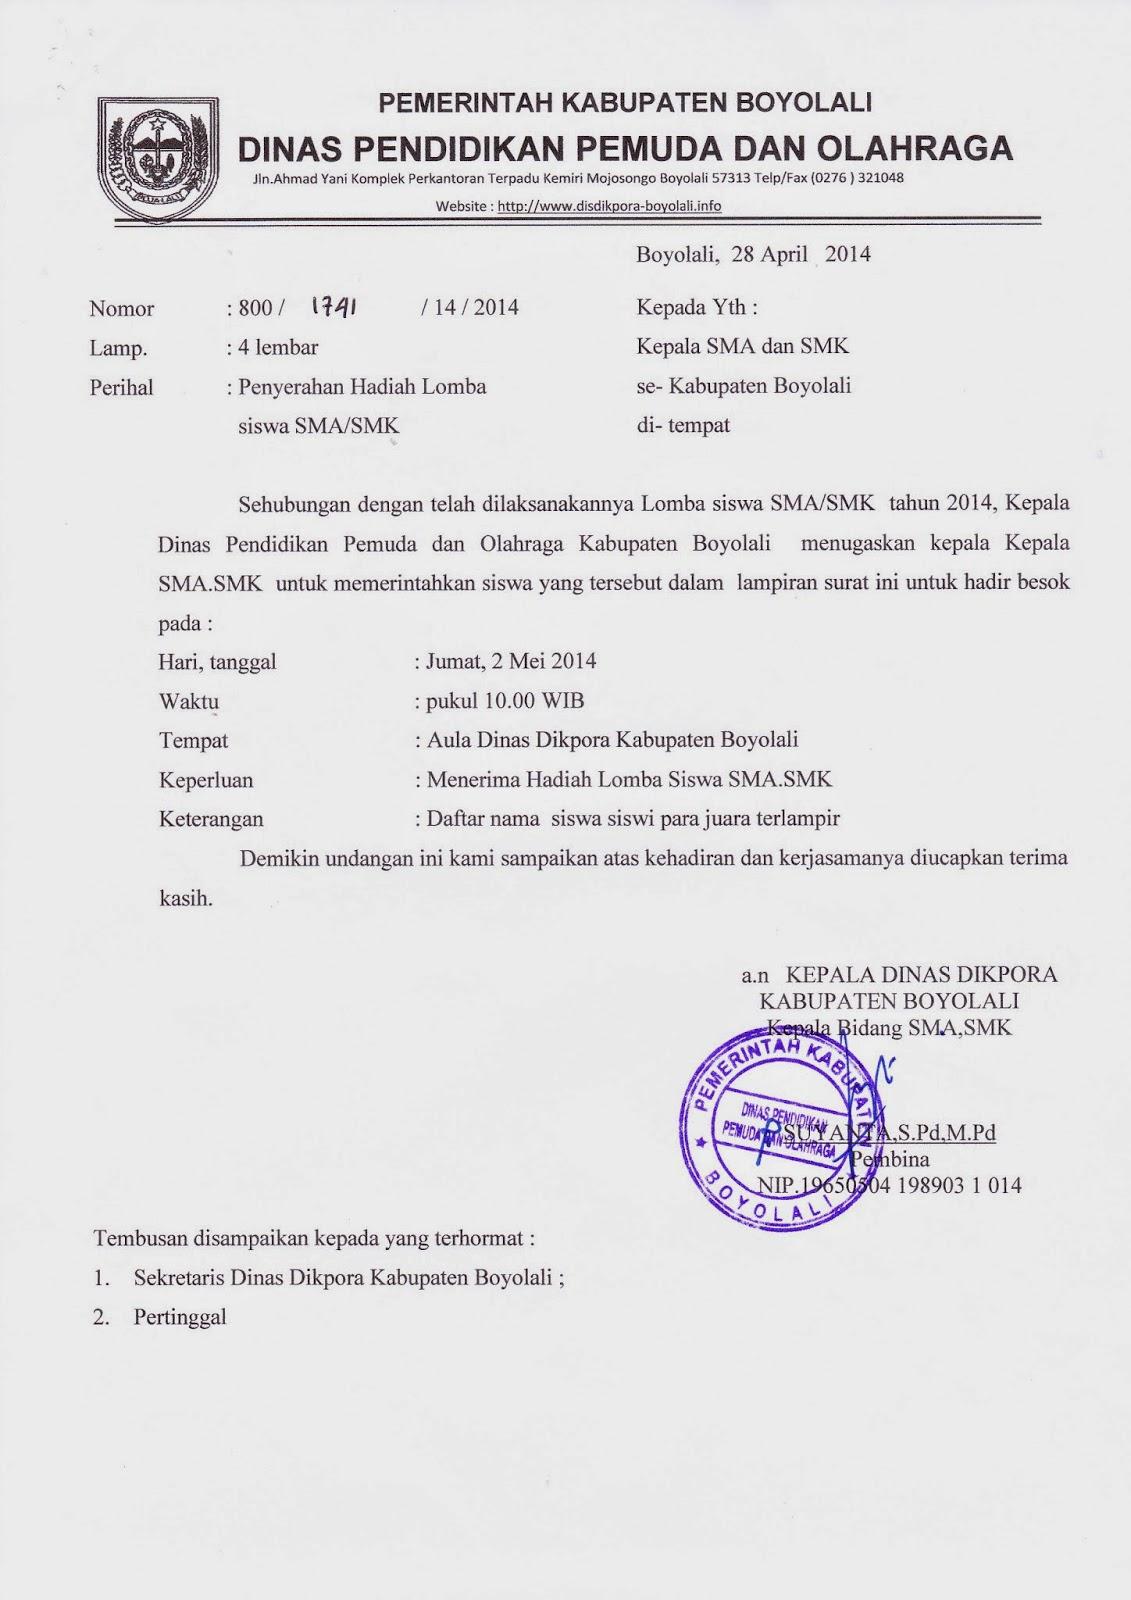 info sma smk kabupaten boyolali april 2014